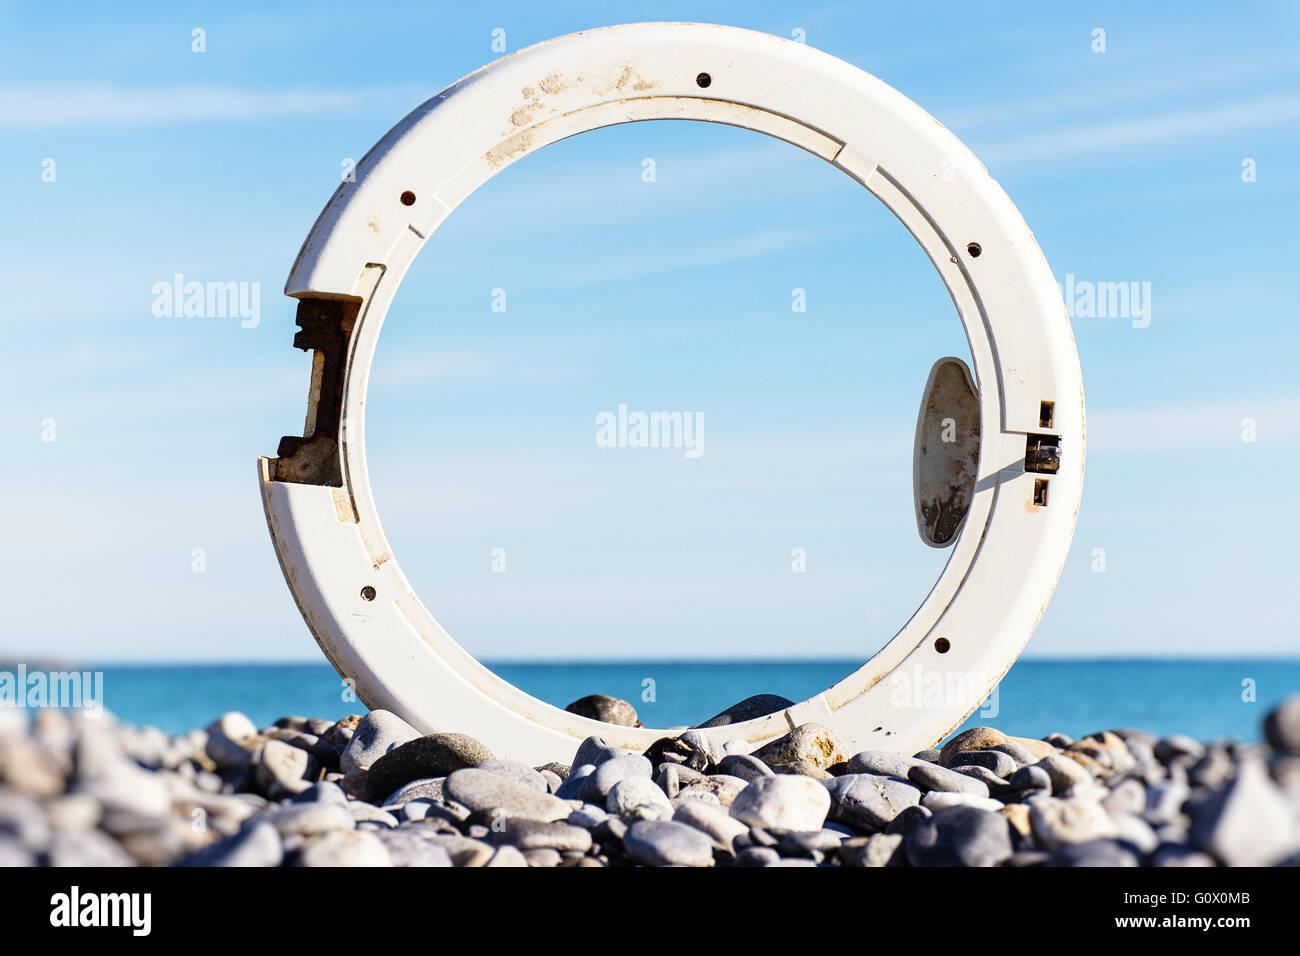 portholes, washing machine, beach, trash - Stock Image